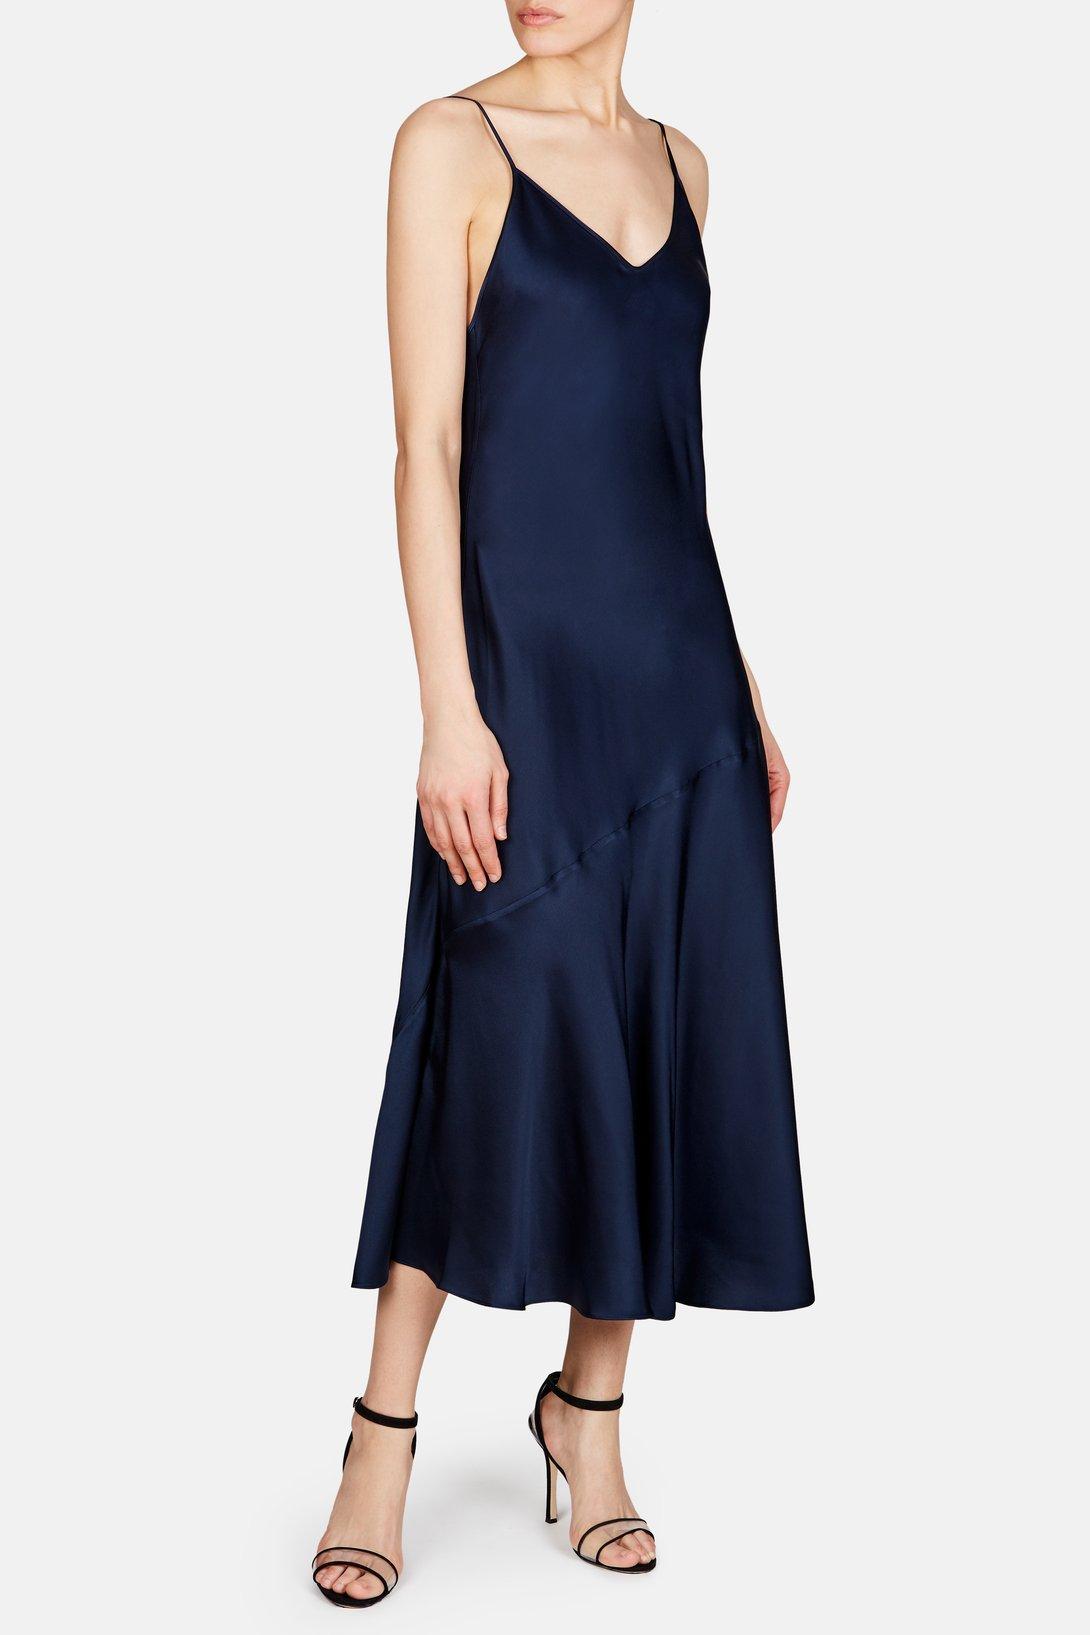 Protagonist Dress, $595